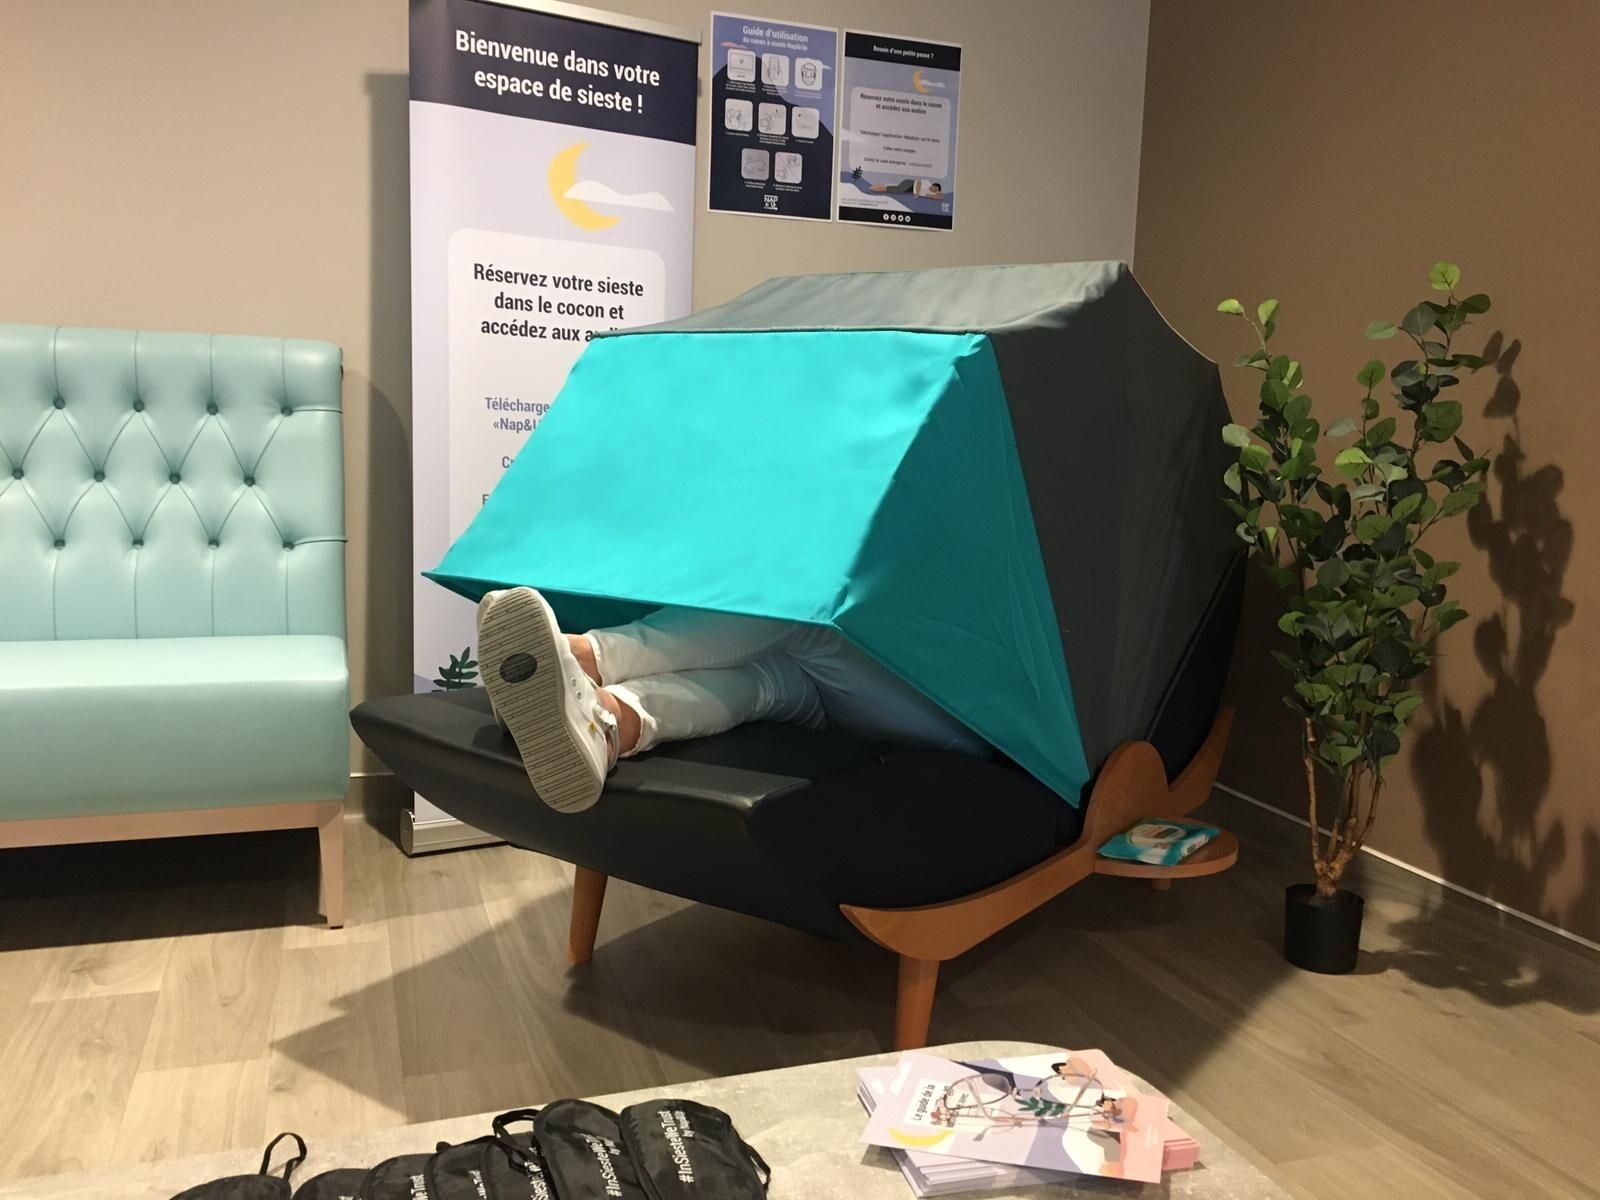 Des mobiliers de sieste pour pouvoir déconnecter en entreprise